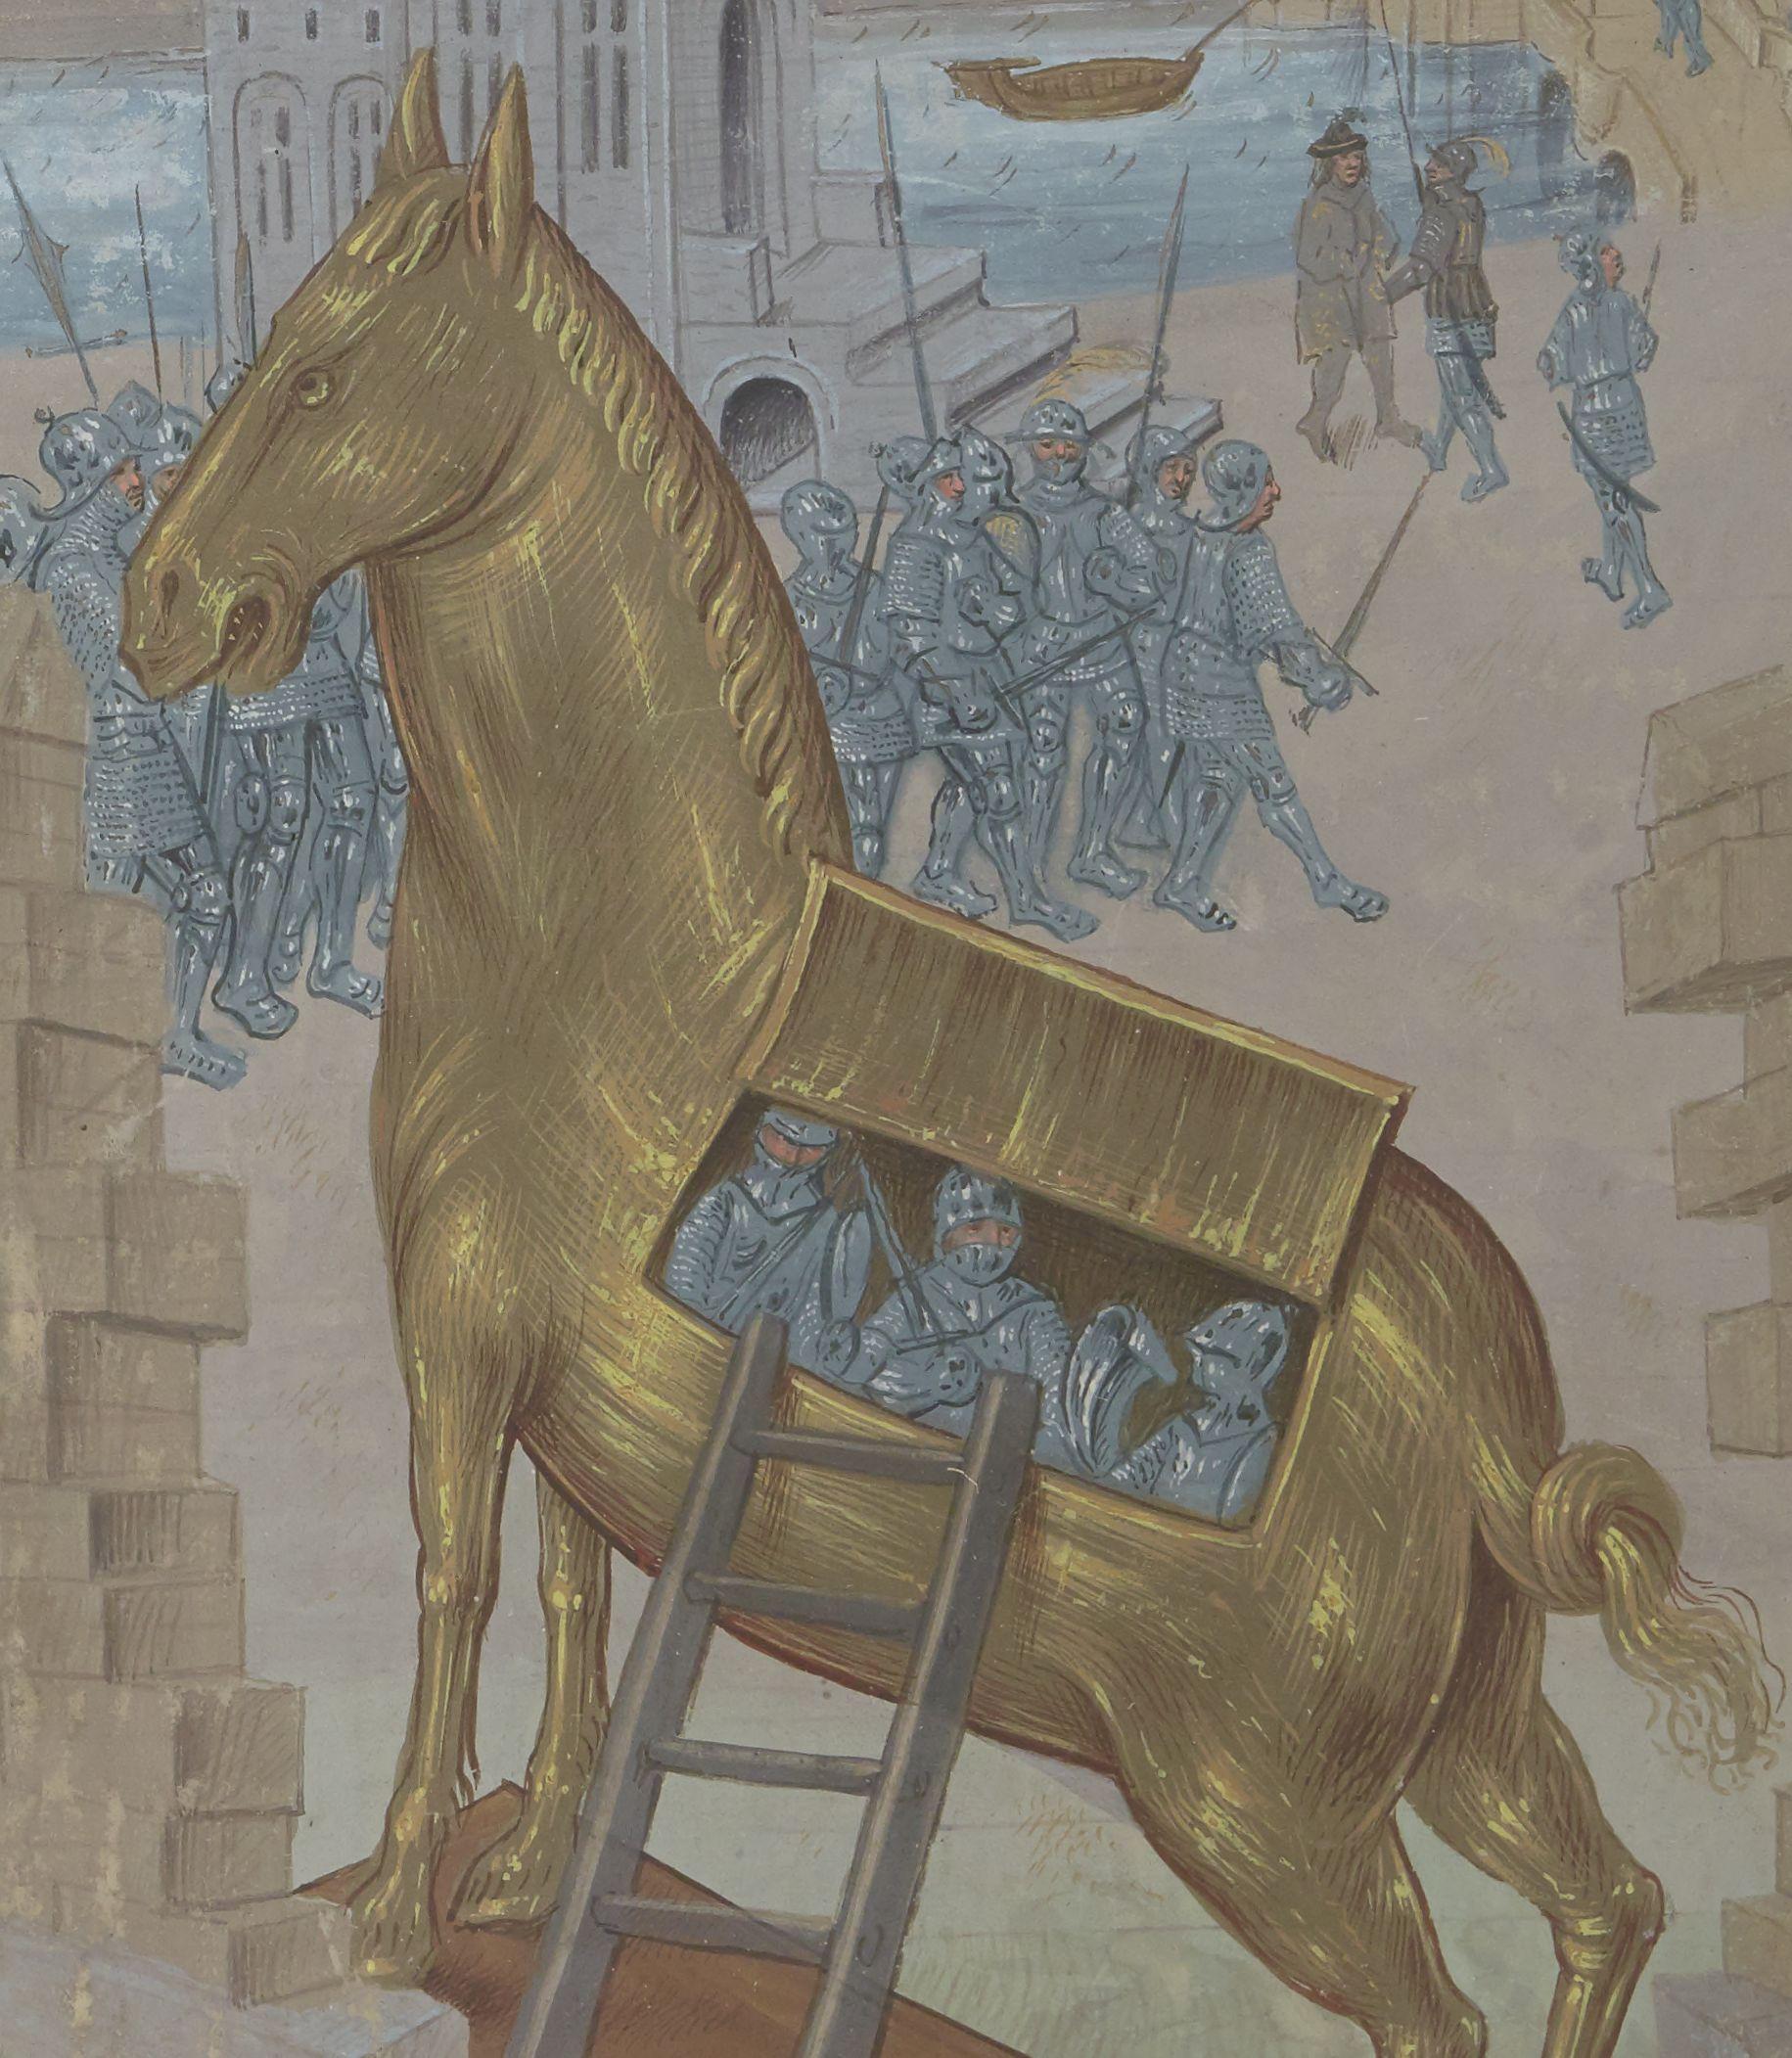 « Recueil des Hystoires de Troye, composé par Raoul LE FEVRE, prestre chappellain de Mgr...le duc Phelippe de Bourgoingne, en l'an de grace mil CCCC LXIIII ».